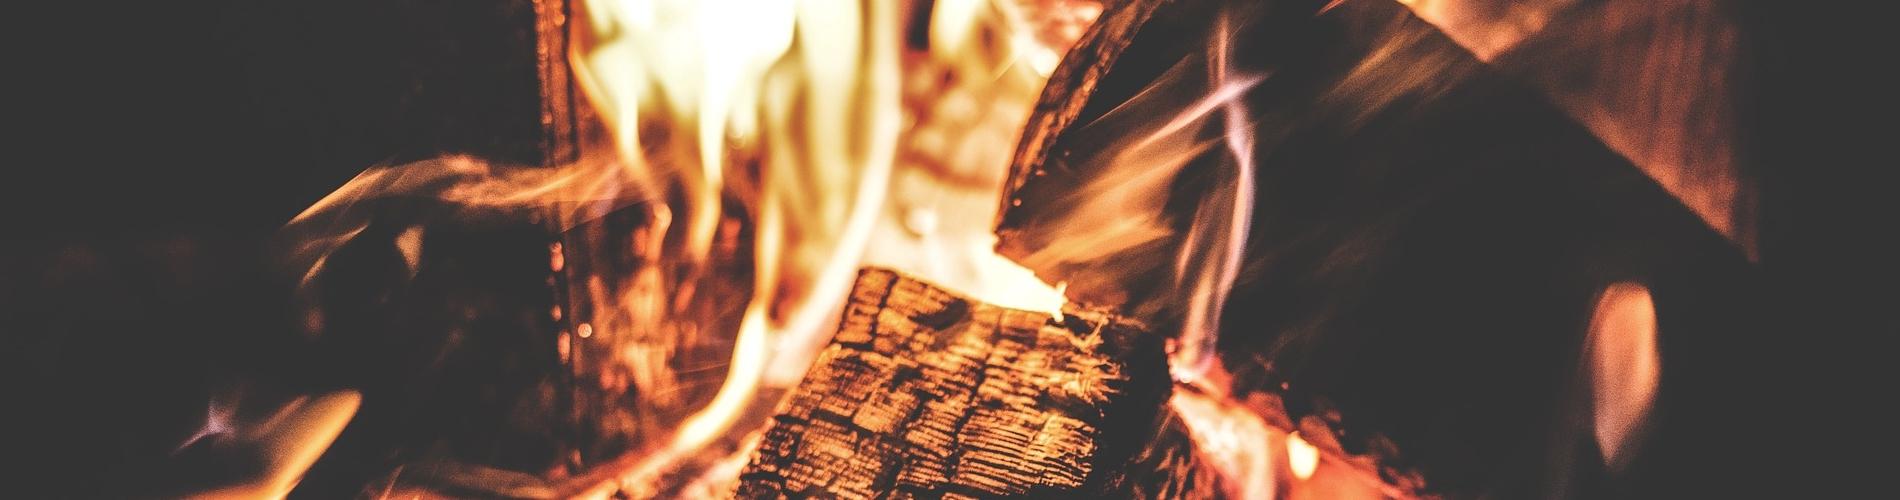 Feuer - Häfeli Ofenbau